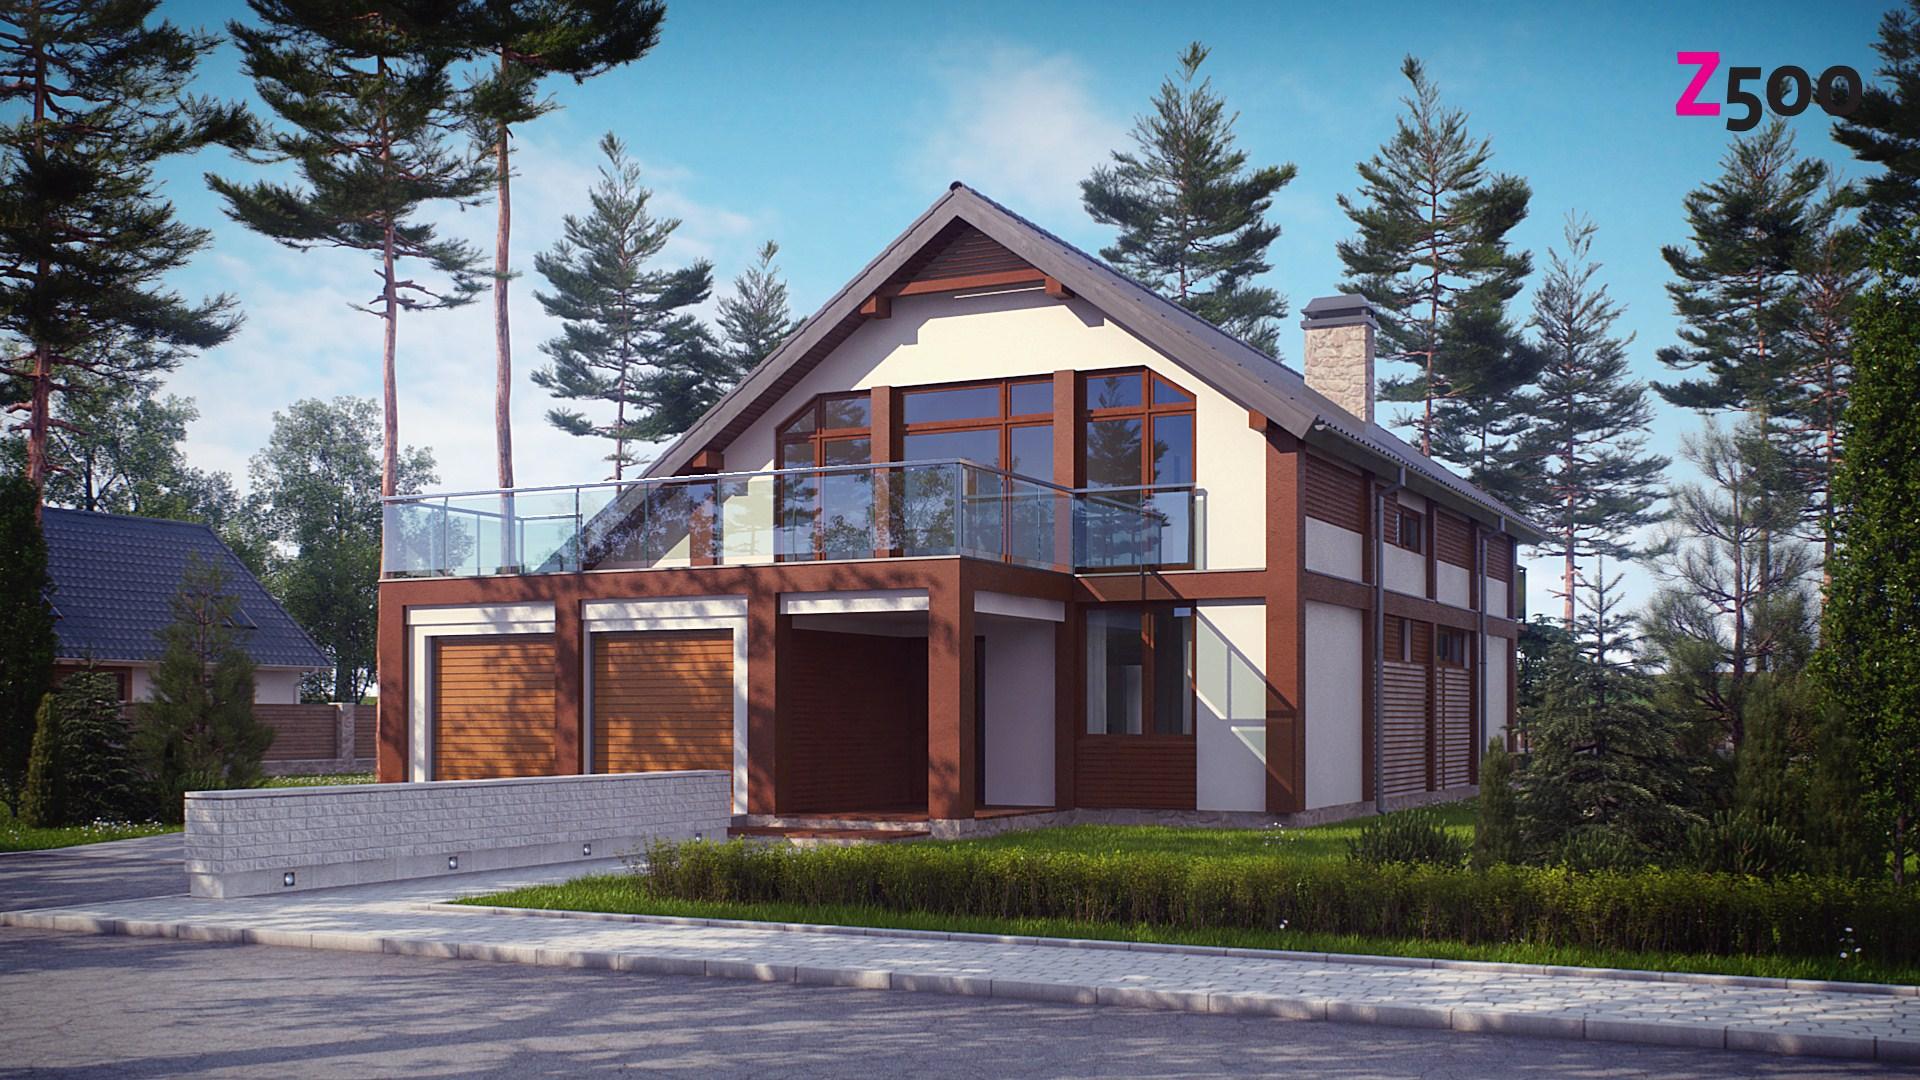 проект дома Zx50